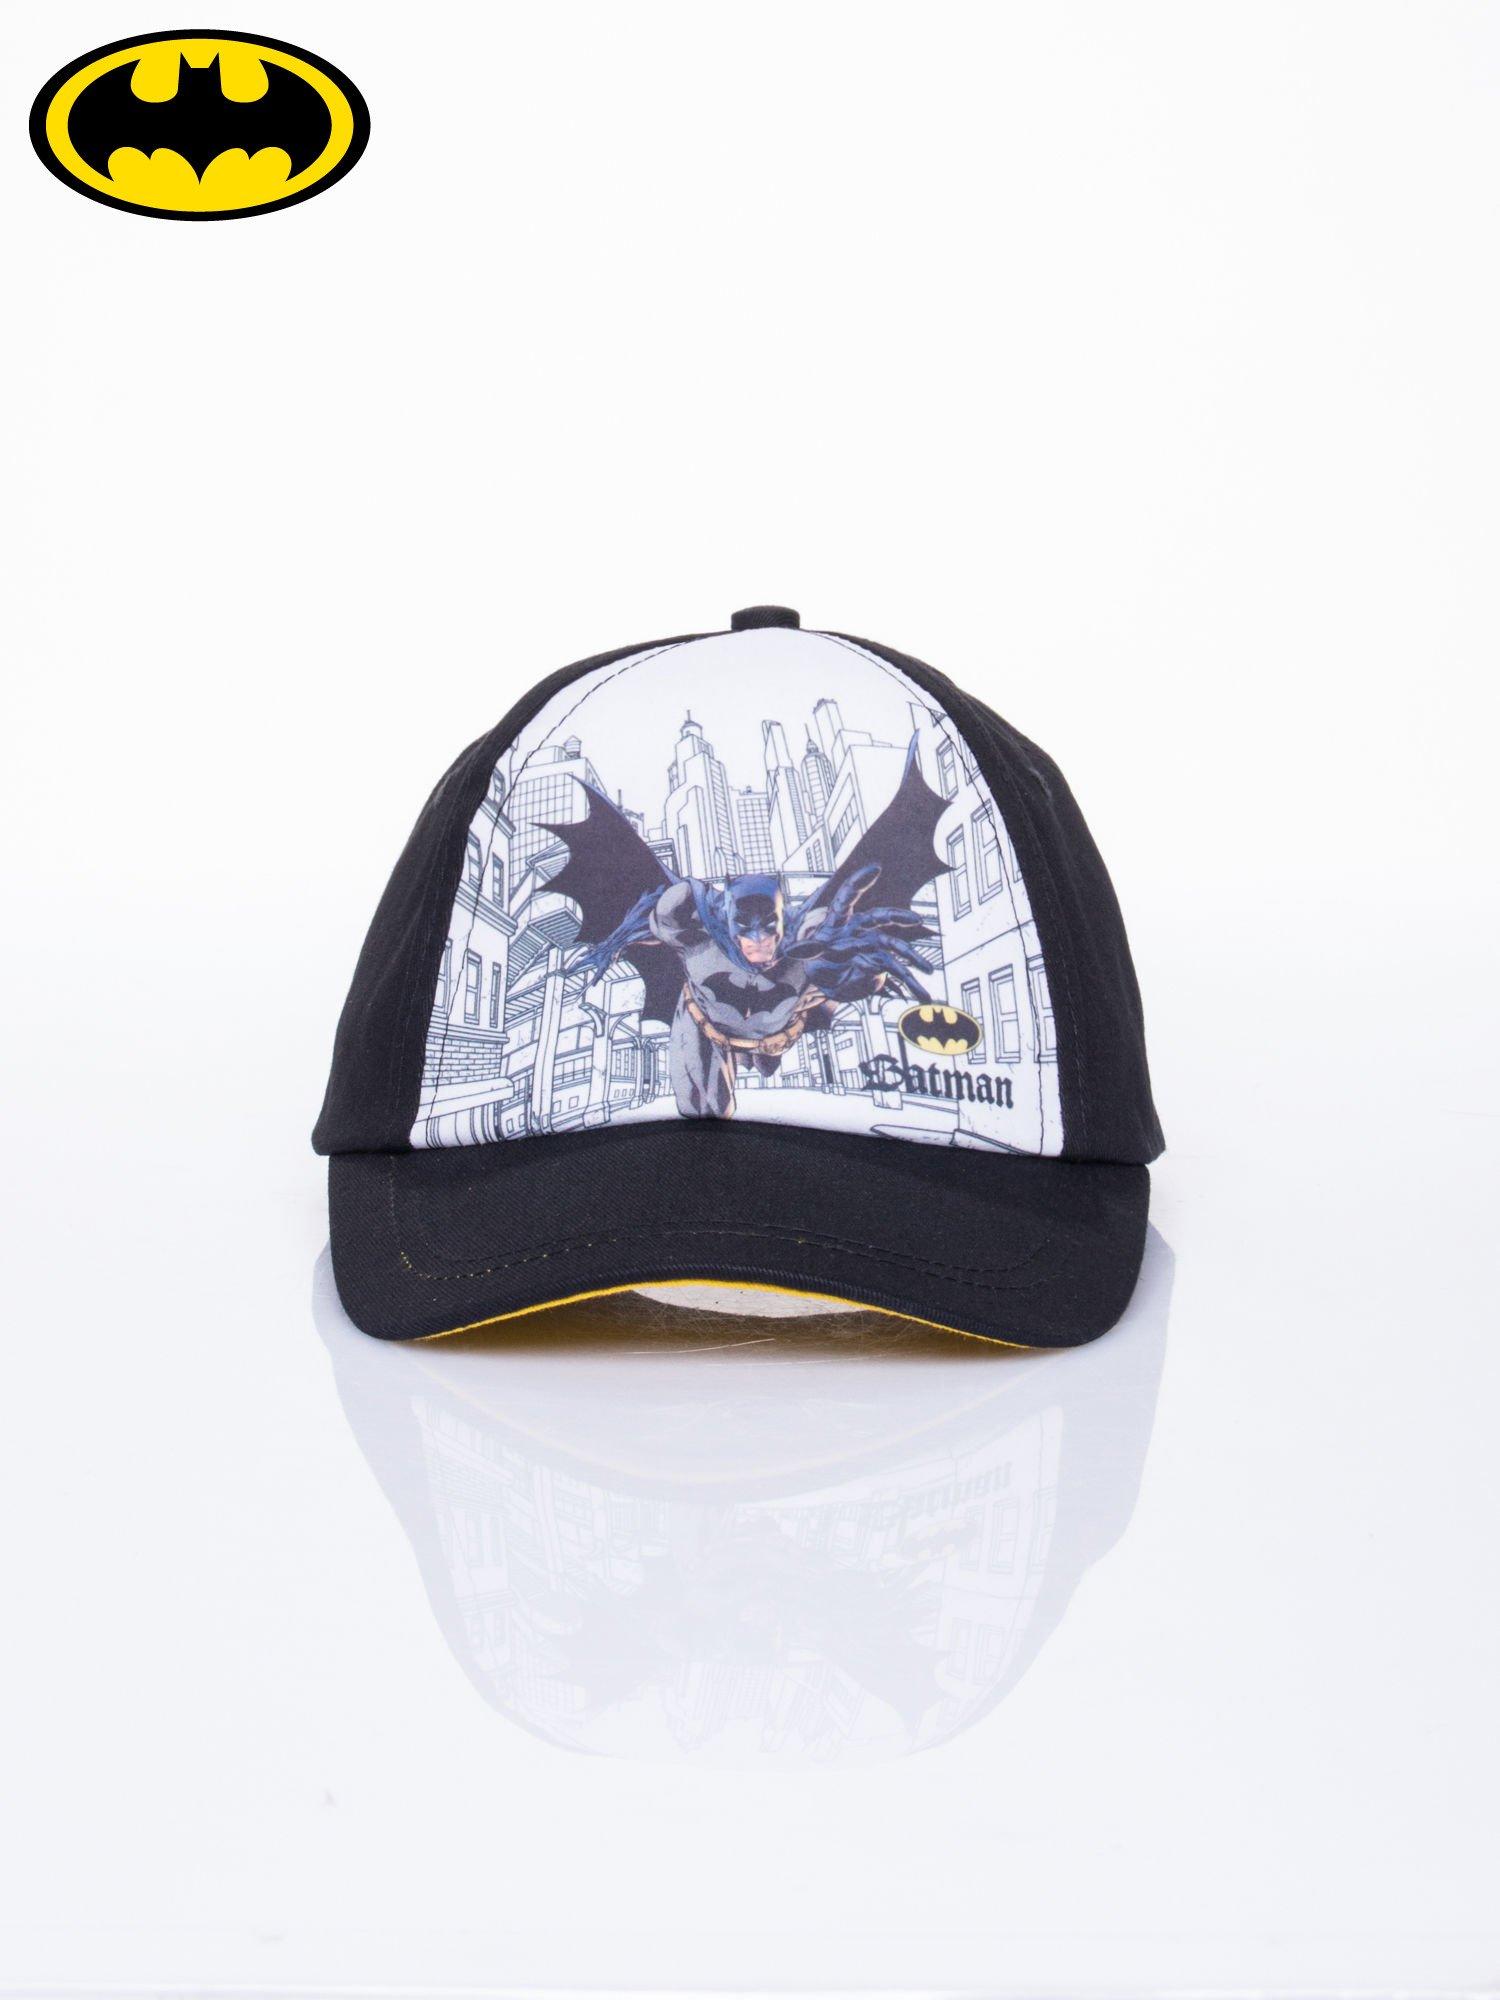 Czarna chłopięca czapka z daszkiem BATMAN                                  zdj.                                  1